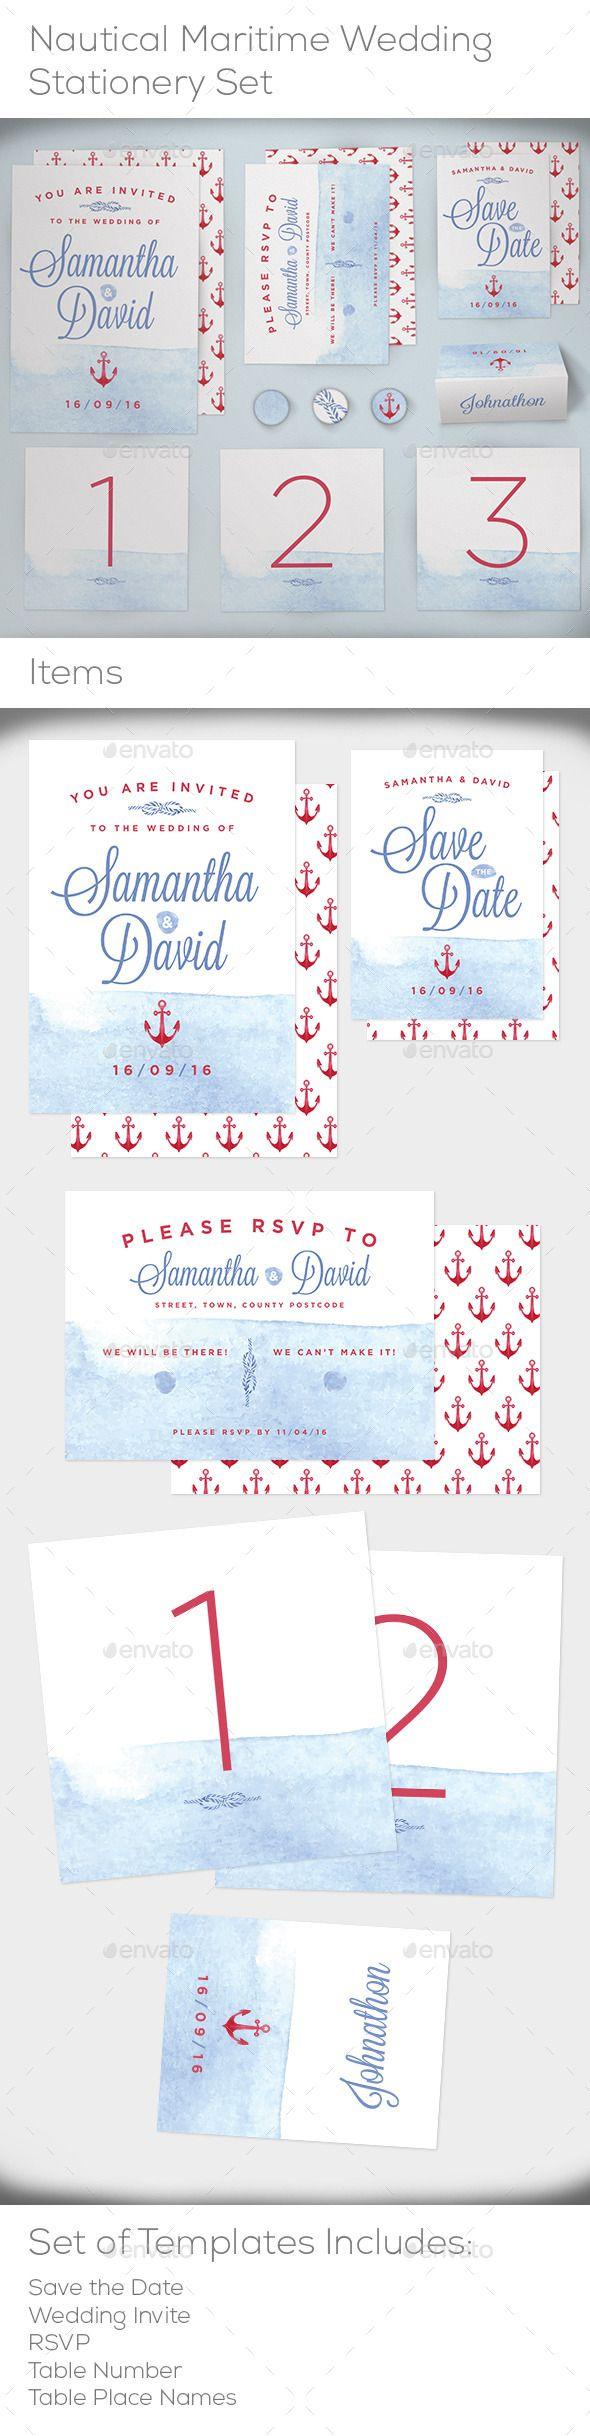 Nautical Maritime Wedding Stationery Set   Wedding stationery sets ...